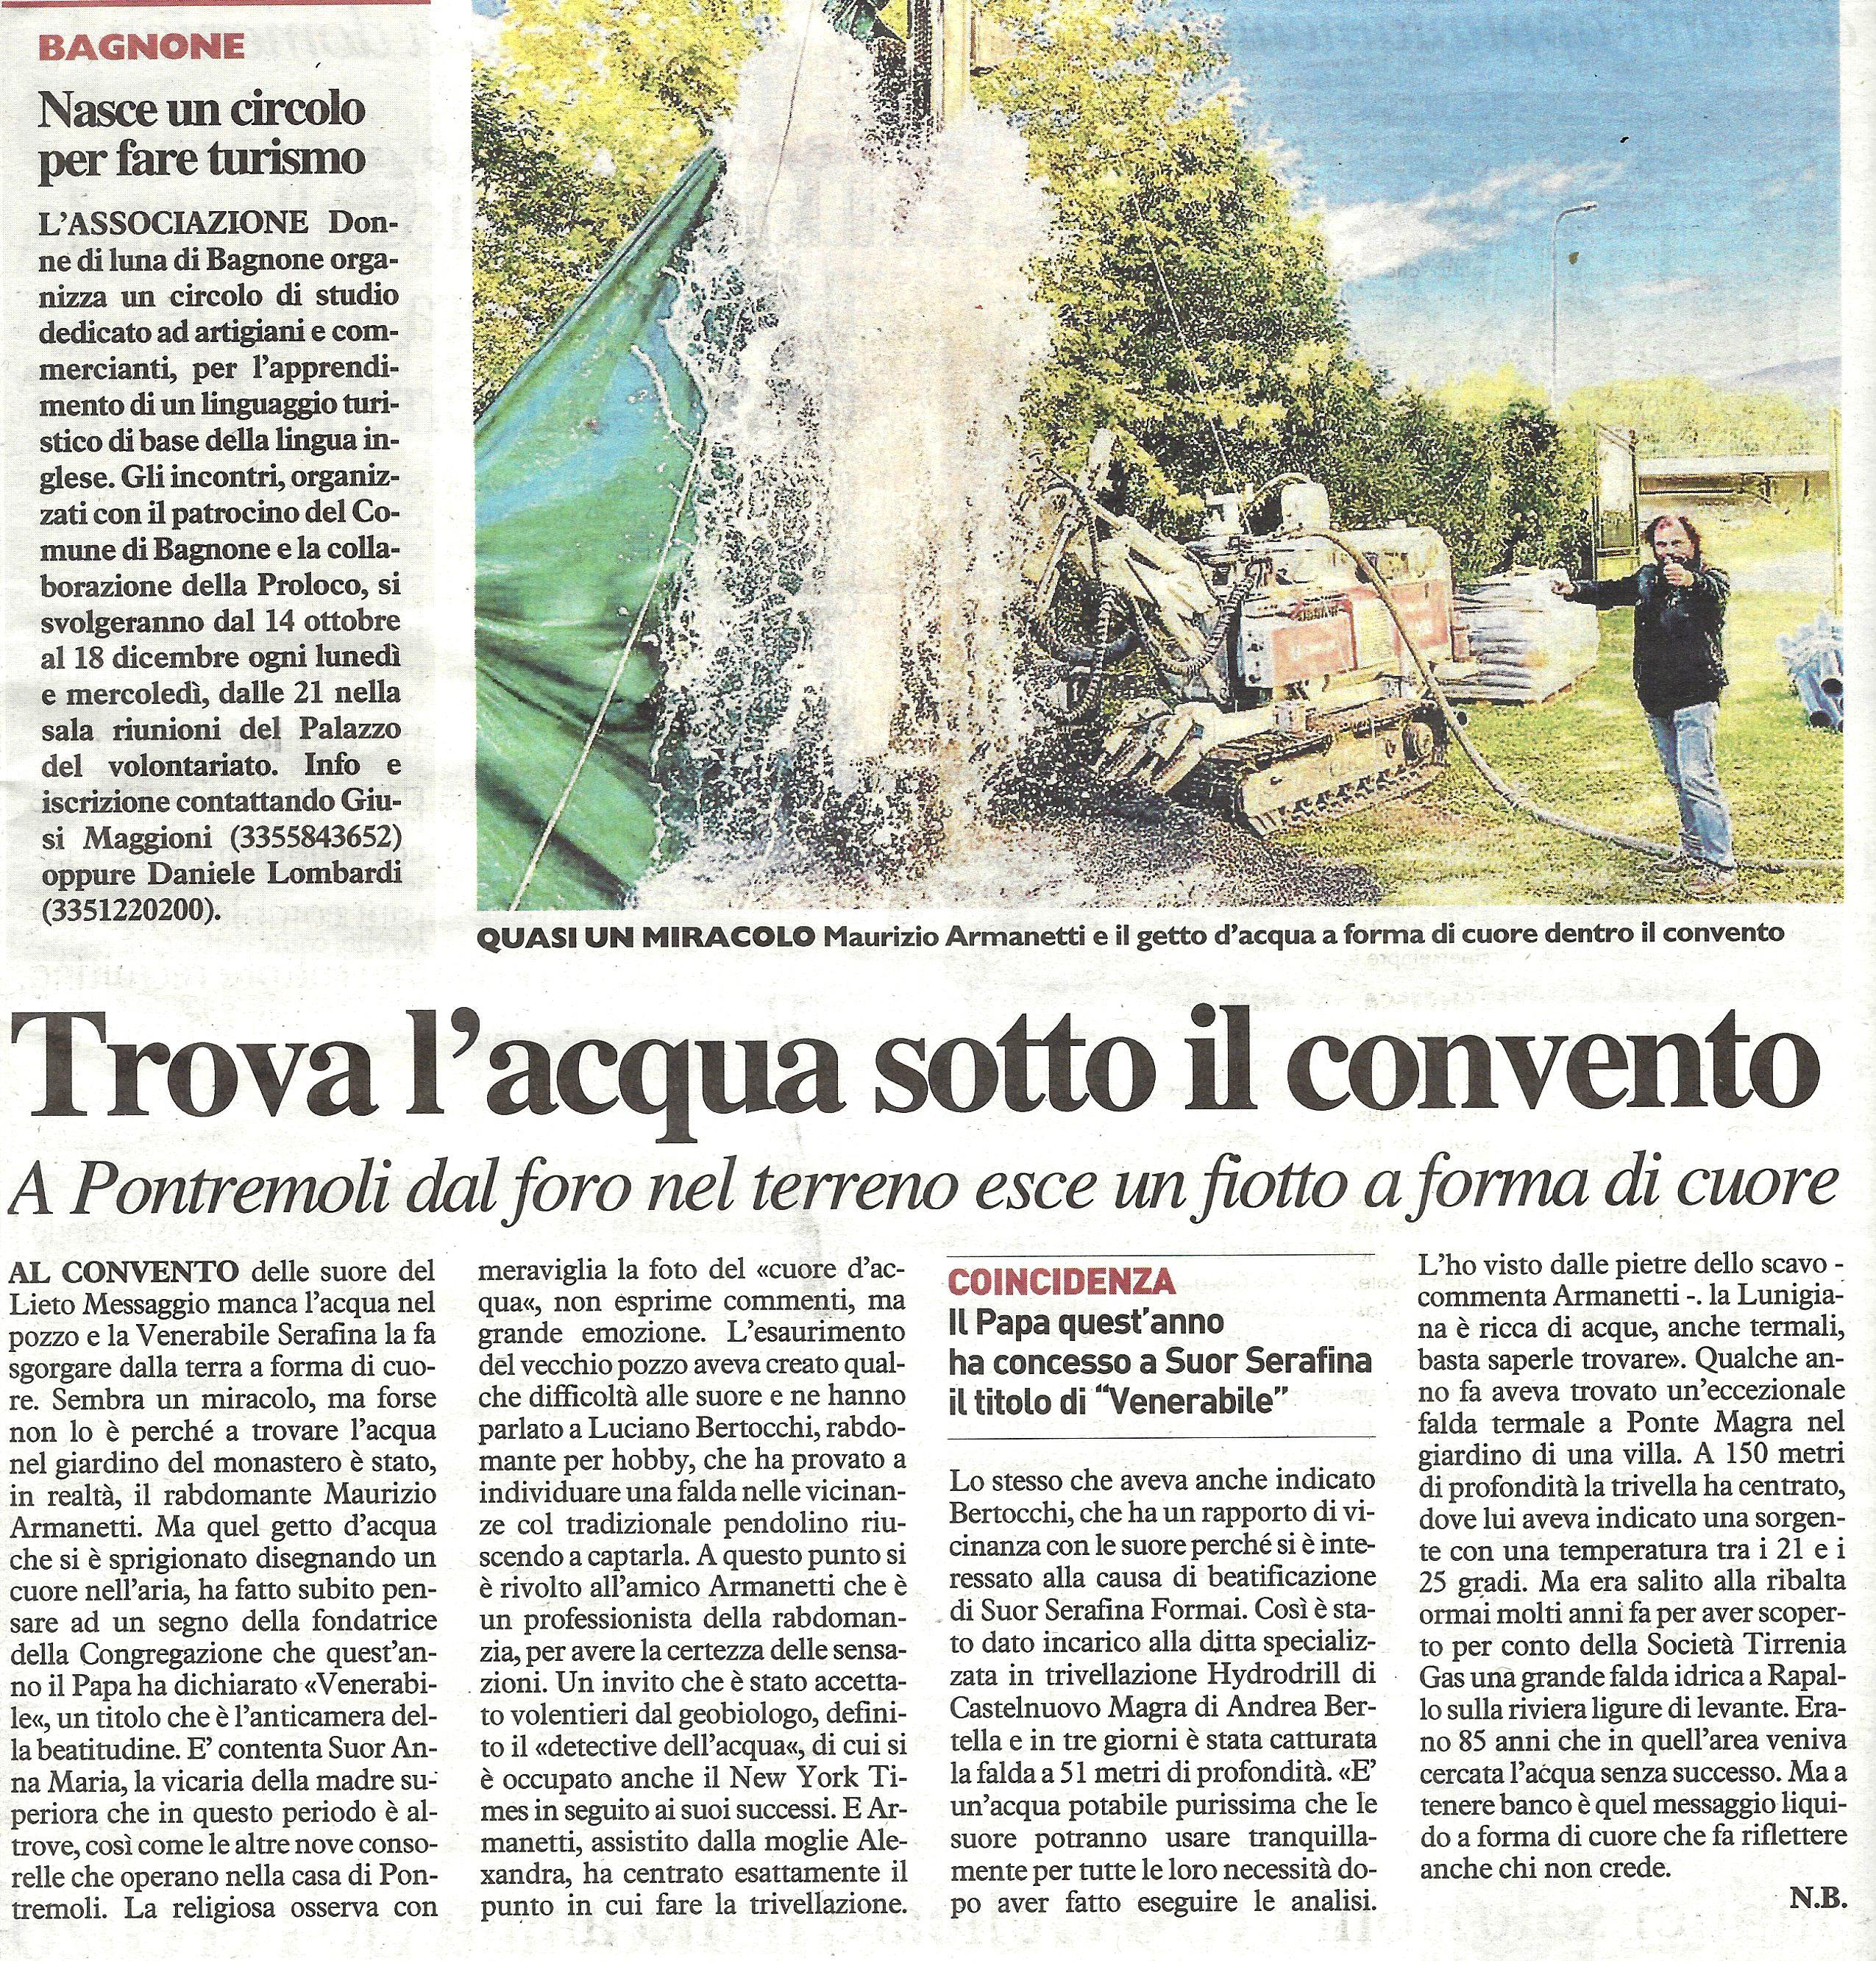 Stampa - La Nazione Armanetti